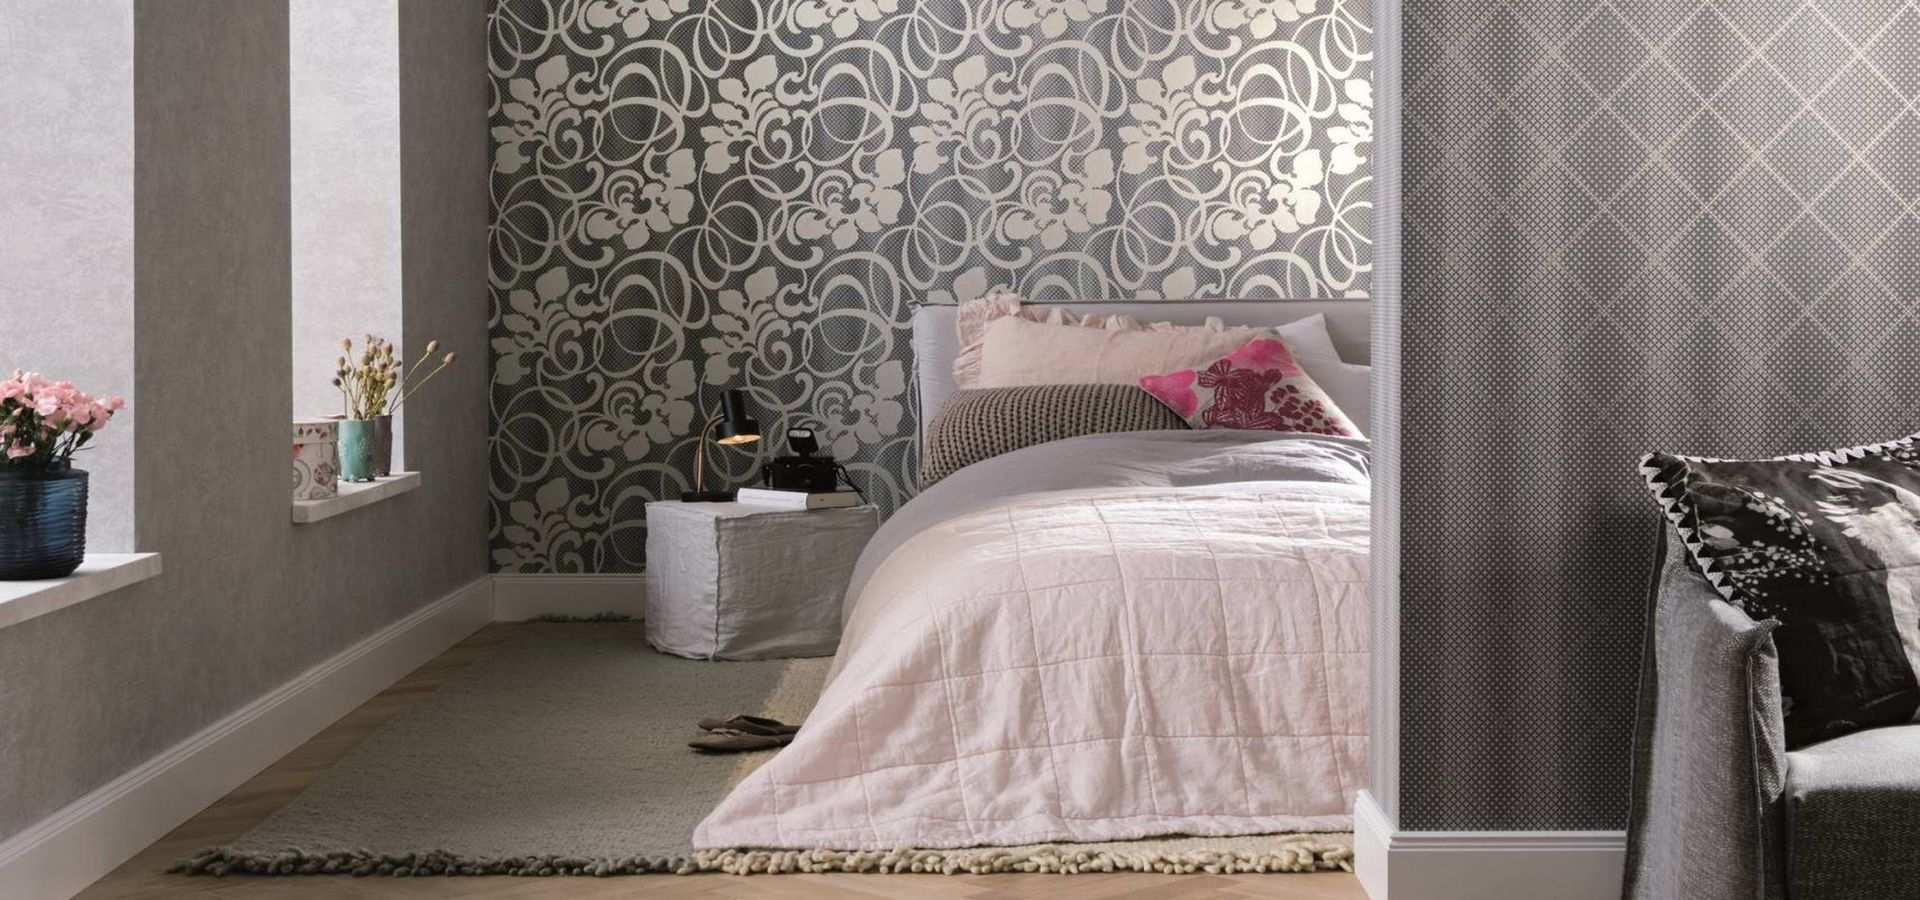 Bild Schlafzimmer Tapete Ornament grau